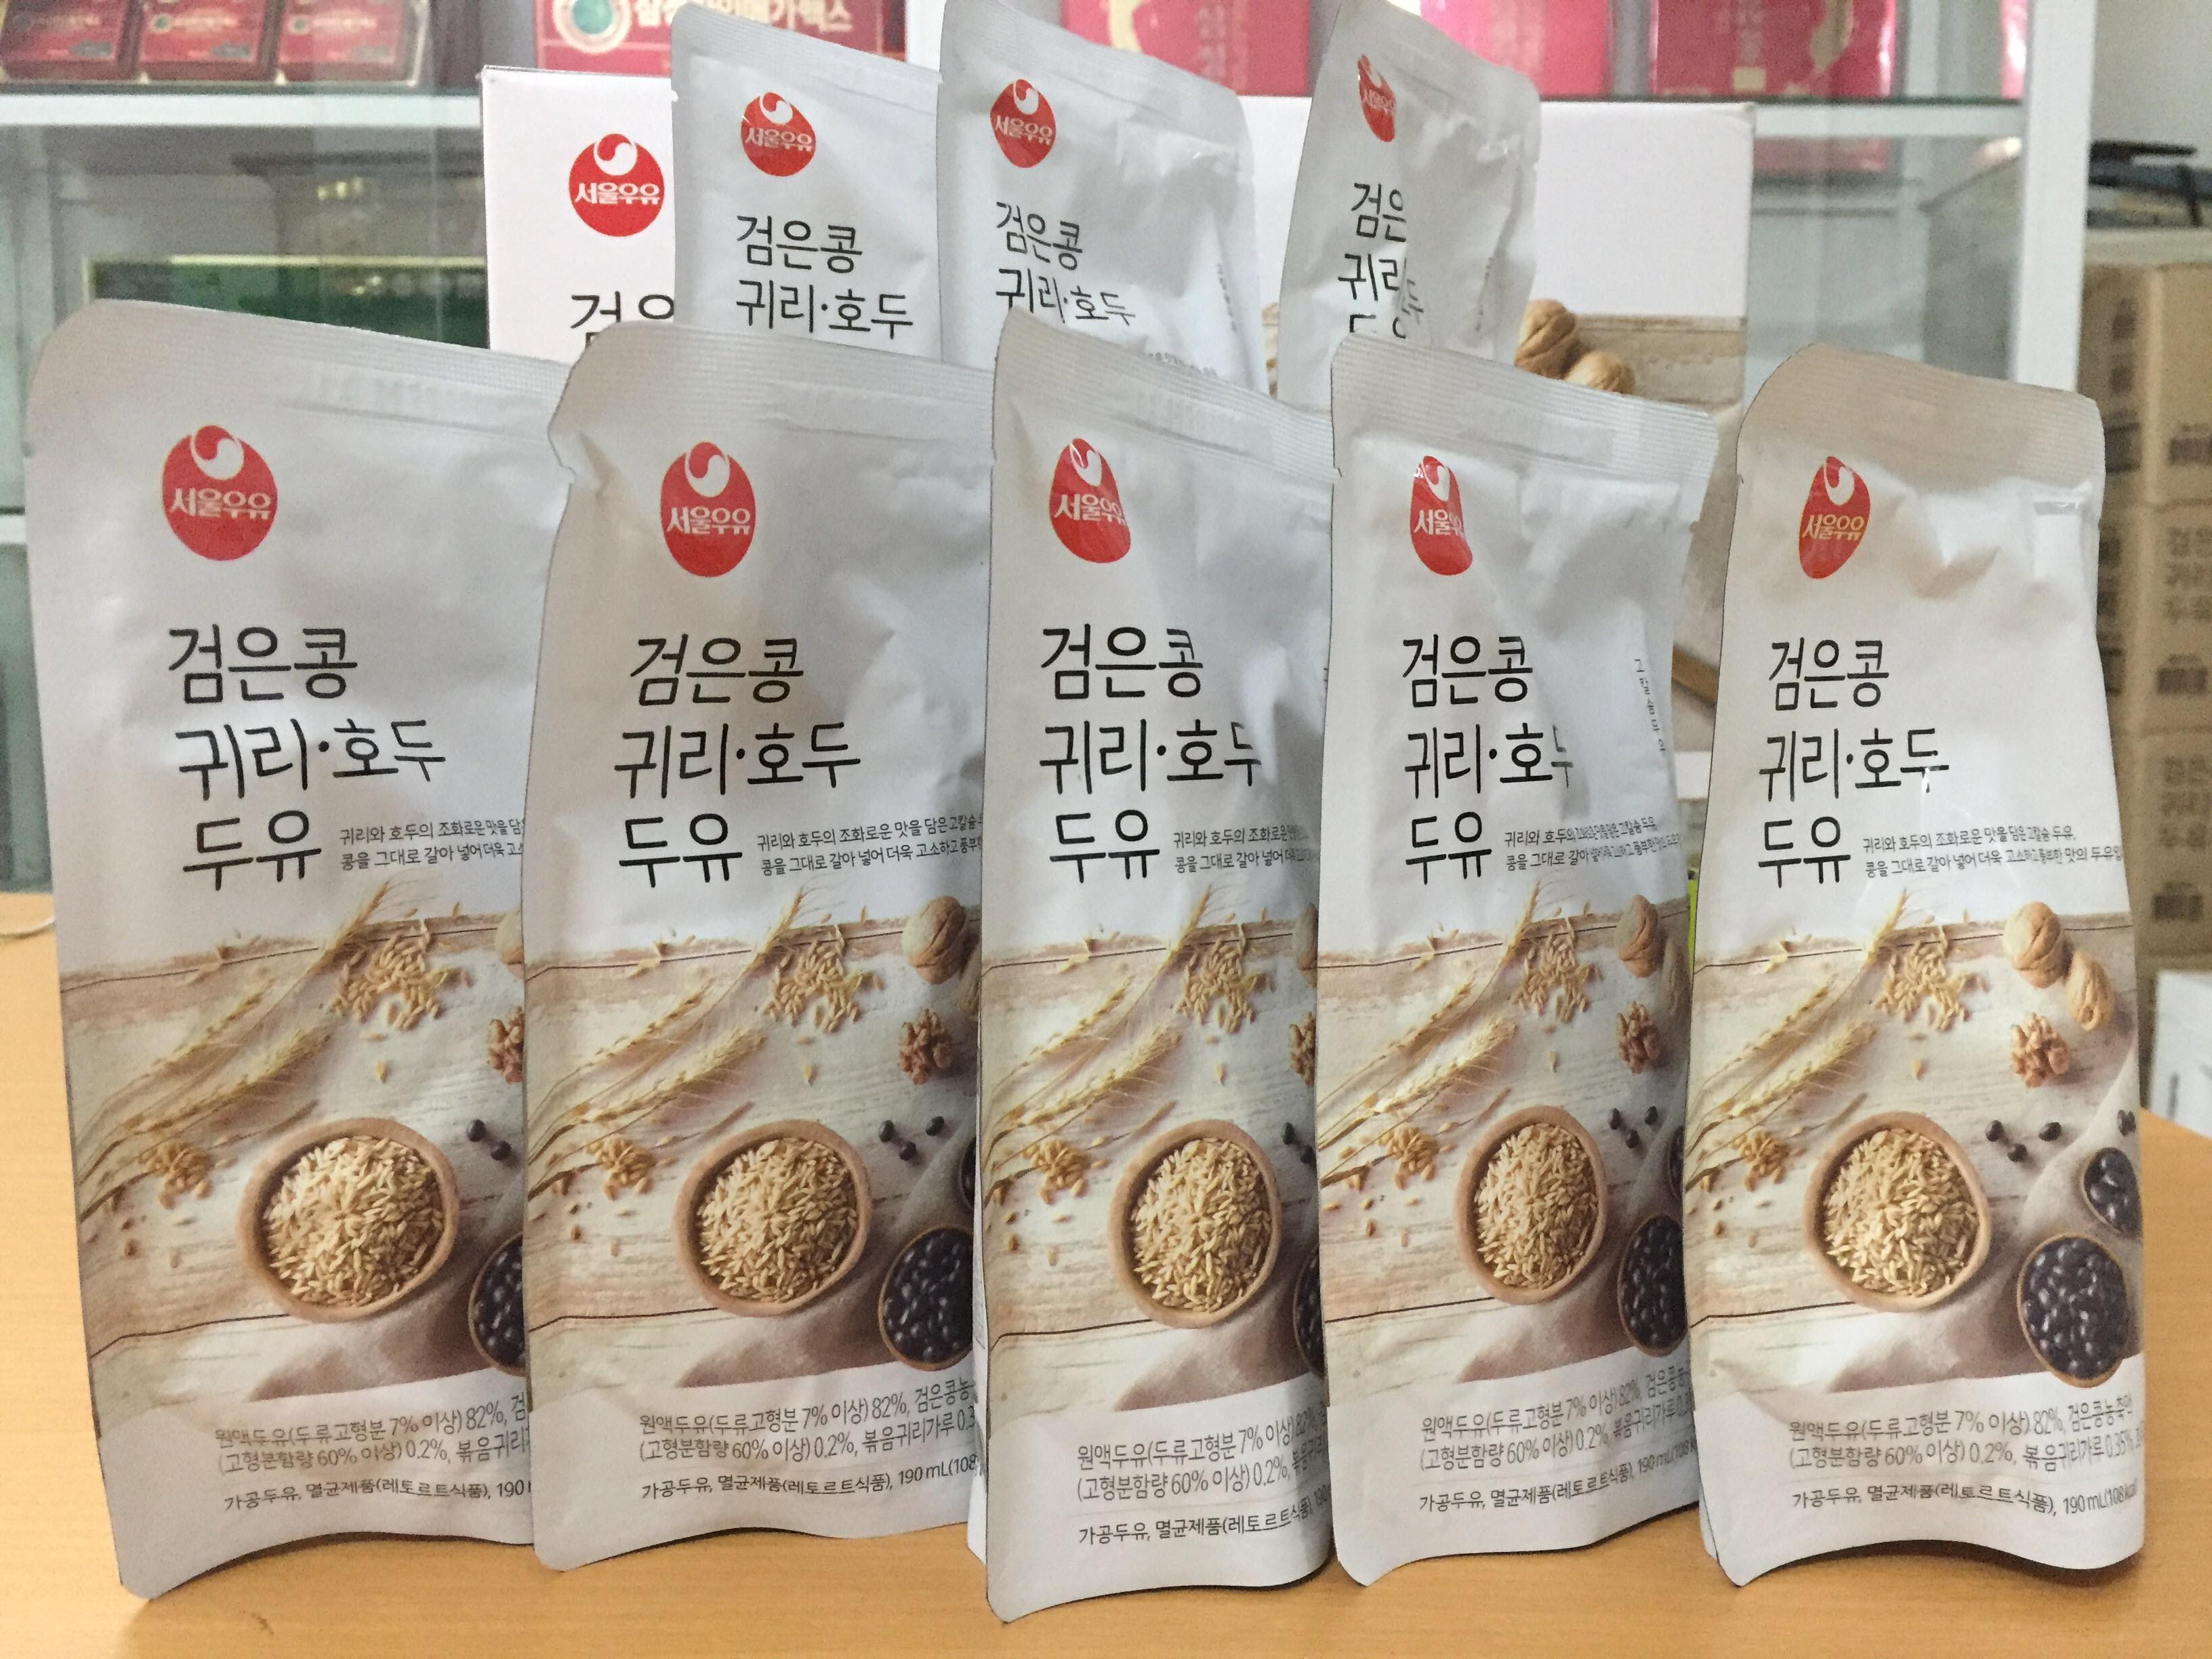 [Seoul Milk] - Sữa Hạt Óc Chó - Hạnh Nhân - Yến Mạch 190ml (10 bịch) - Sữa Hạt số 1 Hàn Quốc